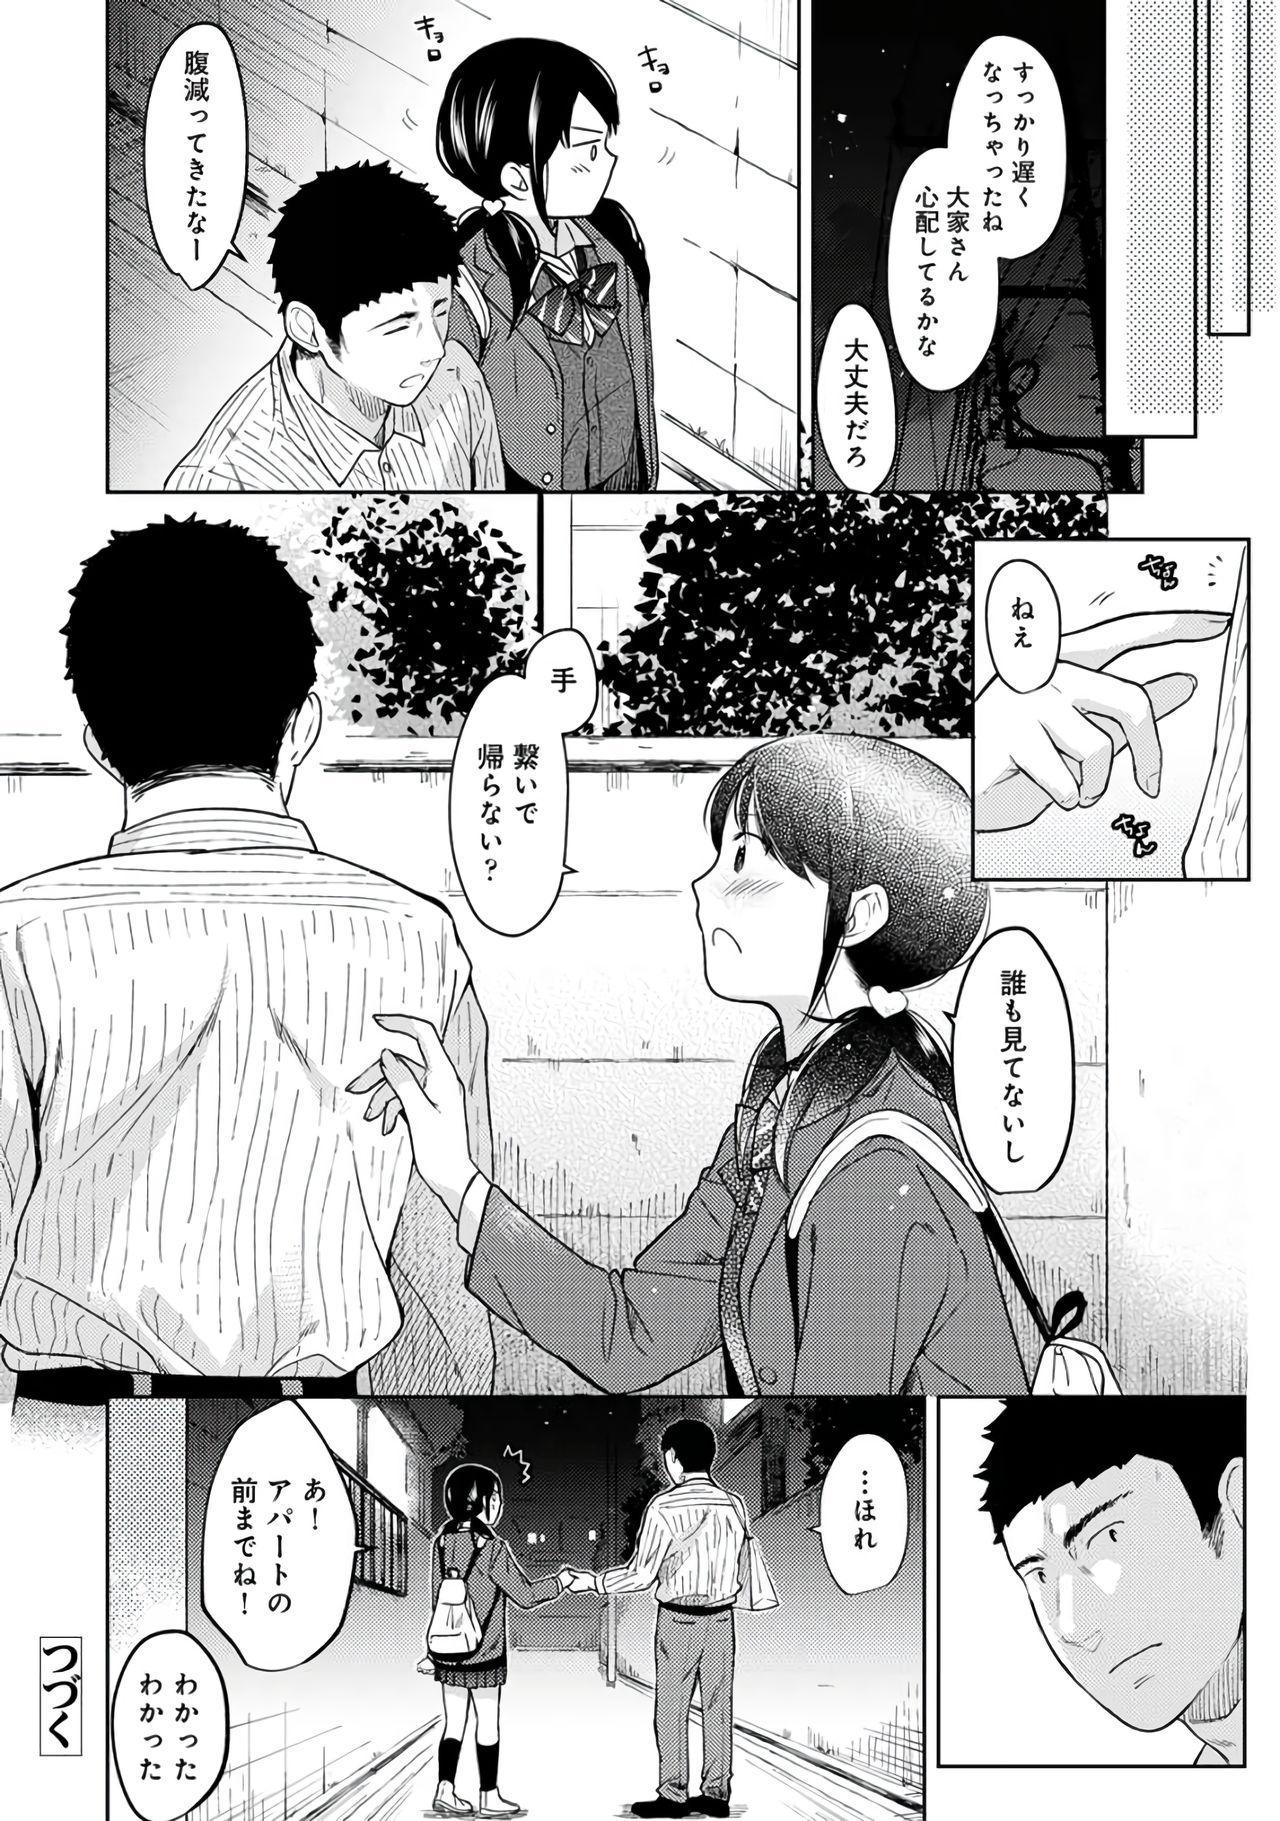 1LDK+JK Ikinari Doukyo? Micchaku!? Hatsu Ecchi!!? Vol.2 27